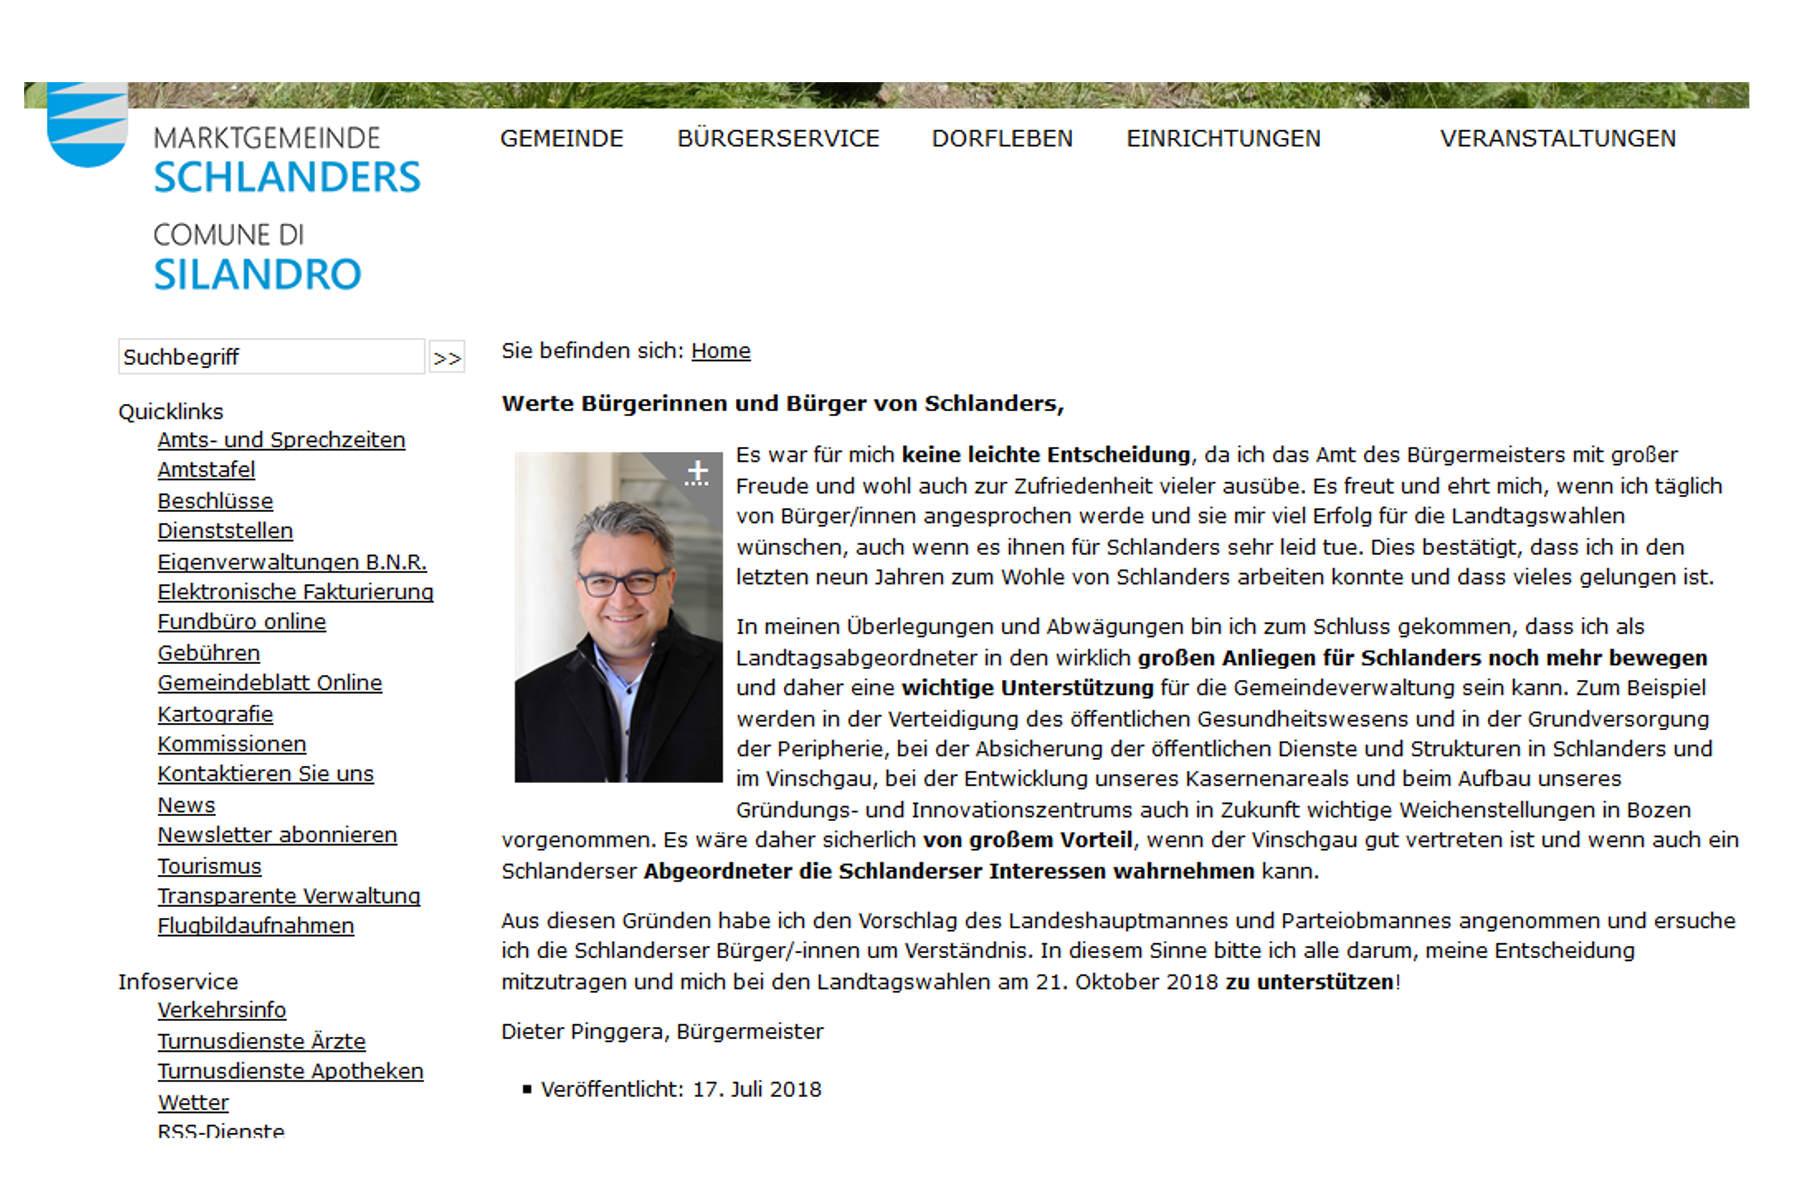 EklatPersönlicher, parteipolitischer Wahlaufruf des SVP-Bürgermeisters Pinggera